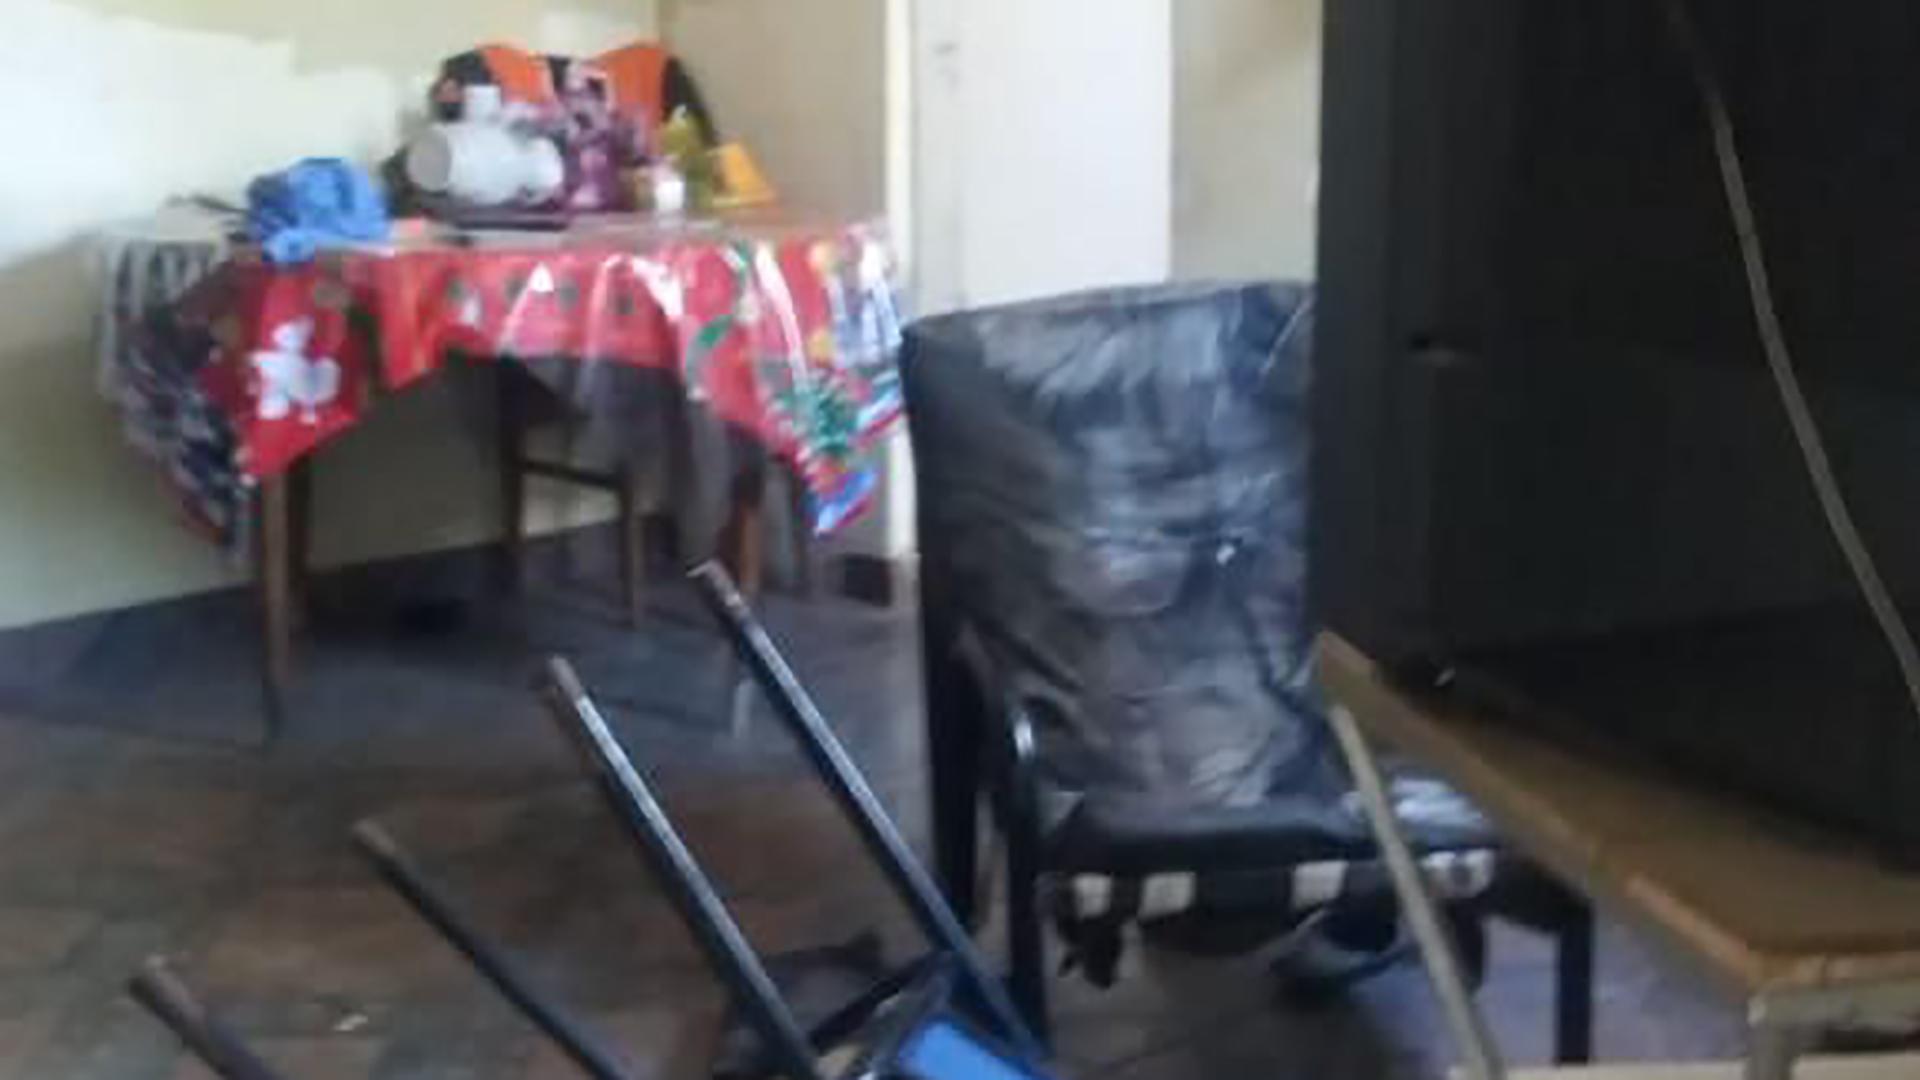 El sillón y la tele en donde ocurrió el crimen en Los Hornos